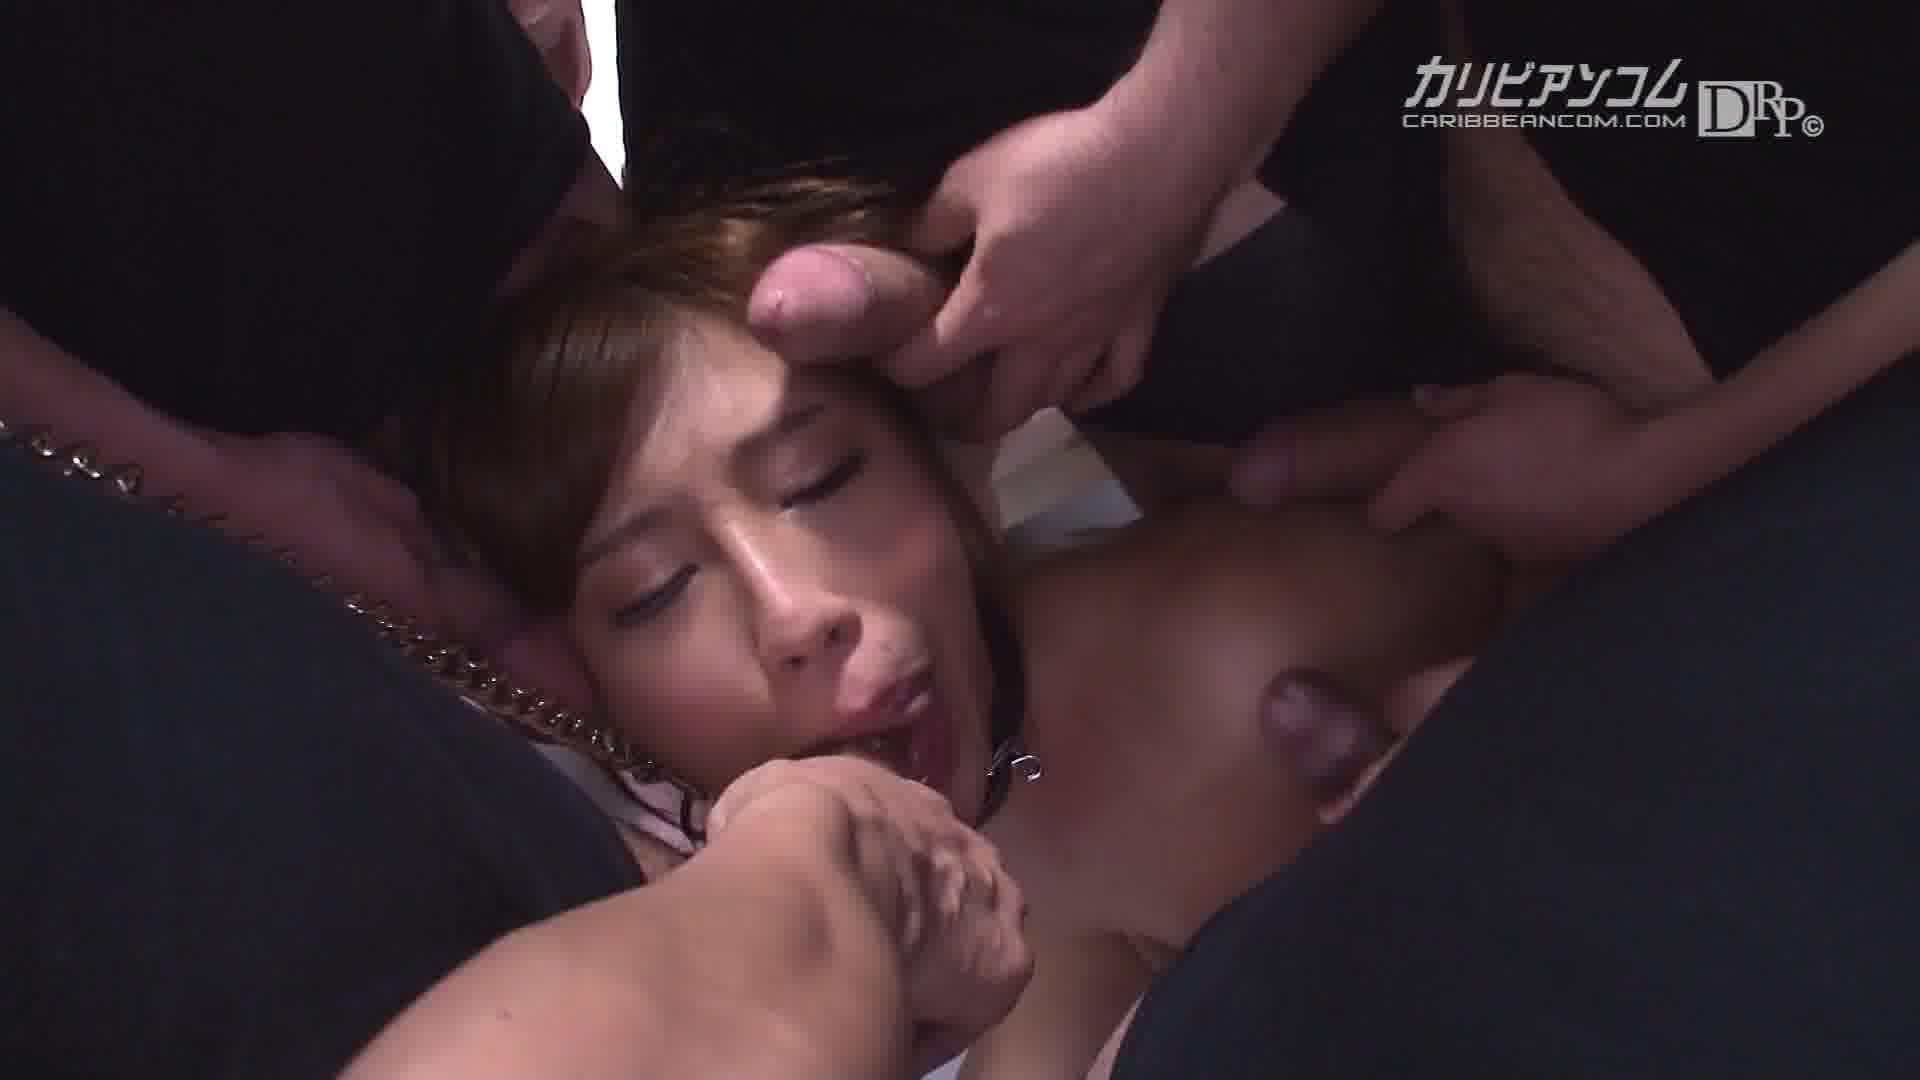 獄畜15 ~美女の恥肉塊~ - 安城アンナ【パイパン・ハード系・バイブ】